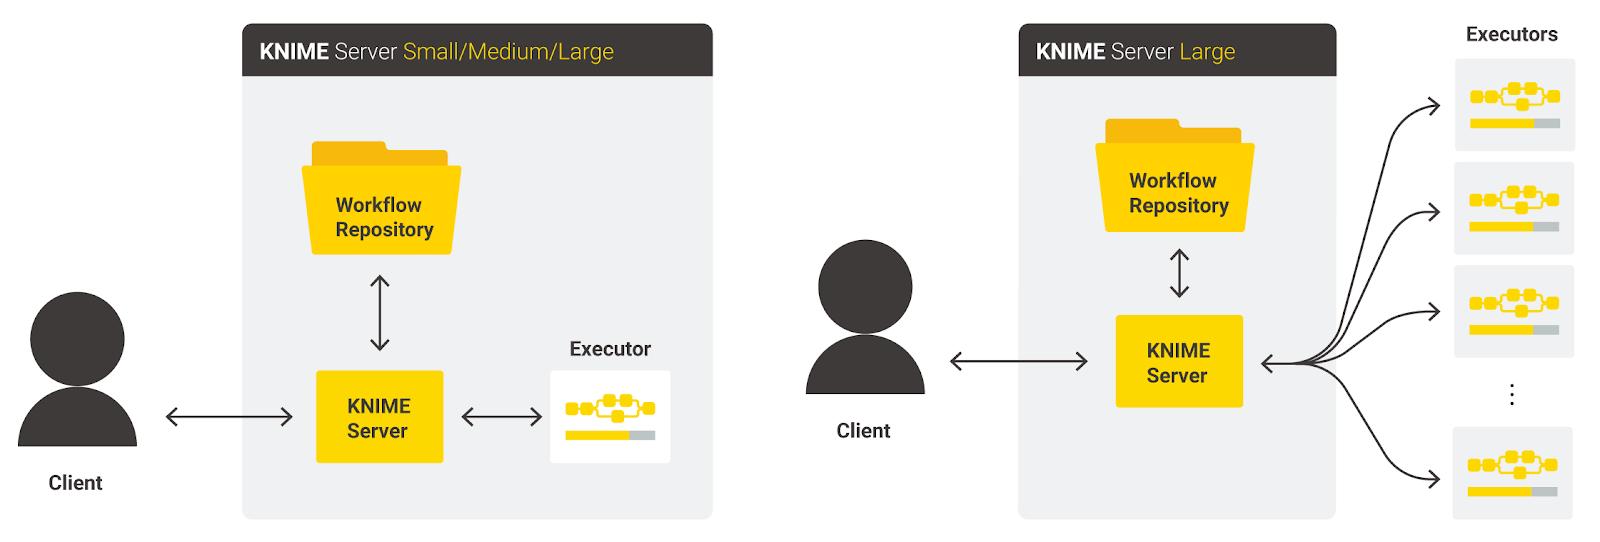 KNIME-Server-Executor-Autoscaling